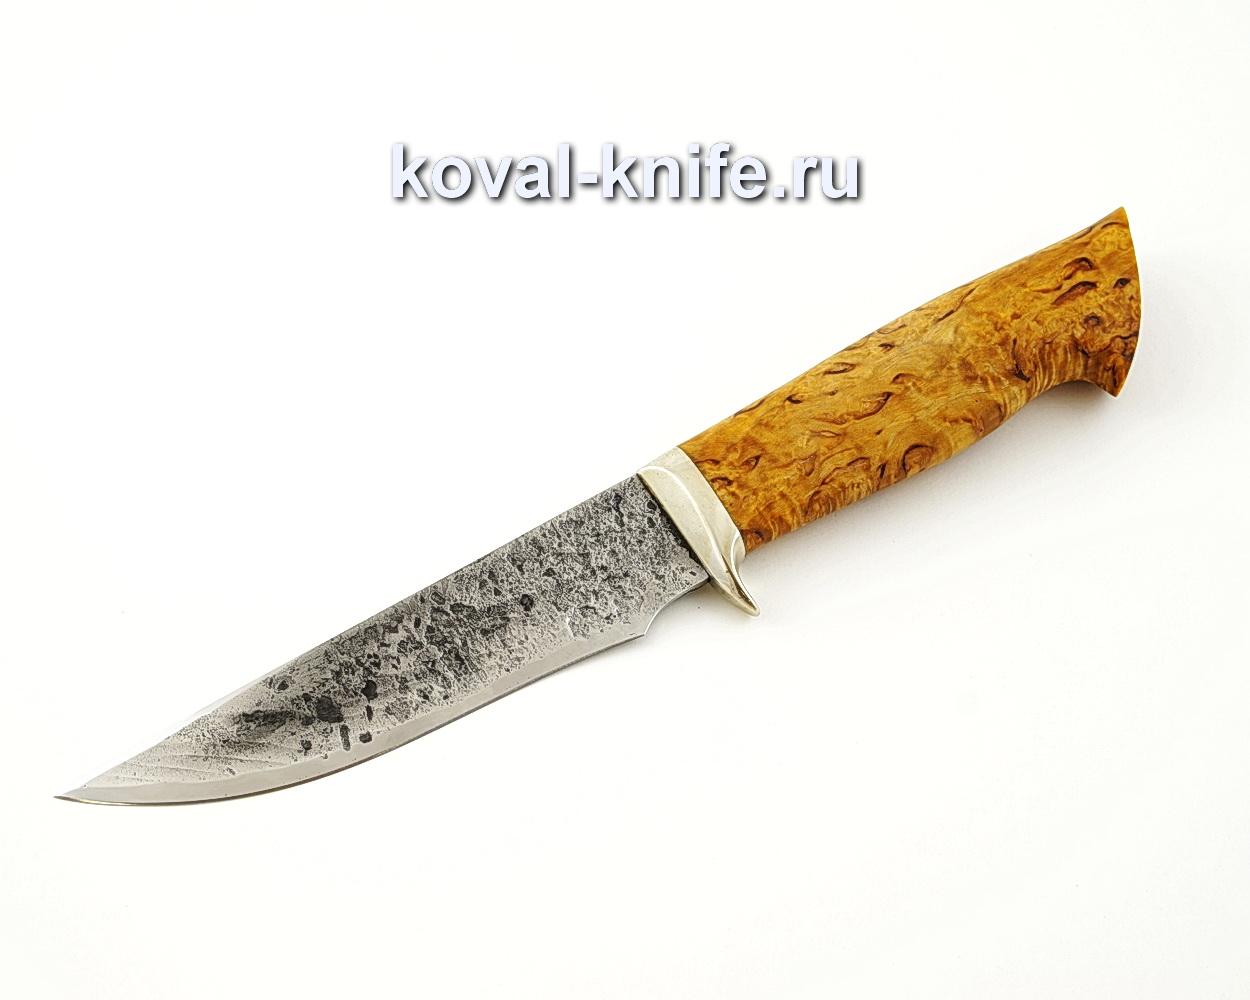 Нож Лис из кованой стали 9ХС с рукоятью из стабилизированной карельской березы, гарда мельхиор A531